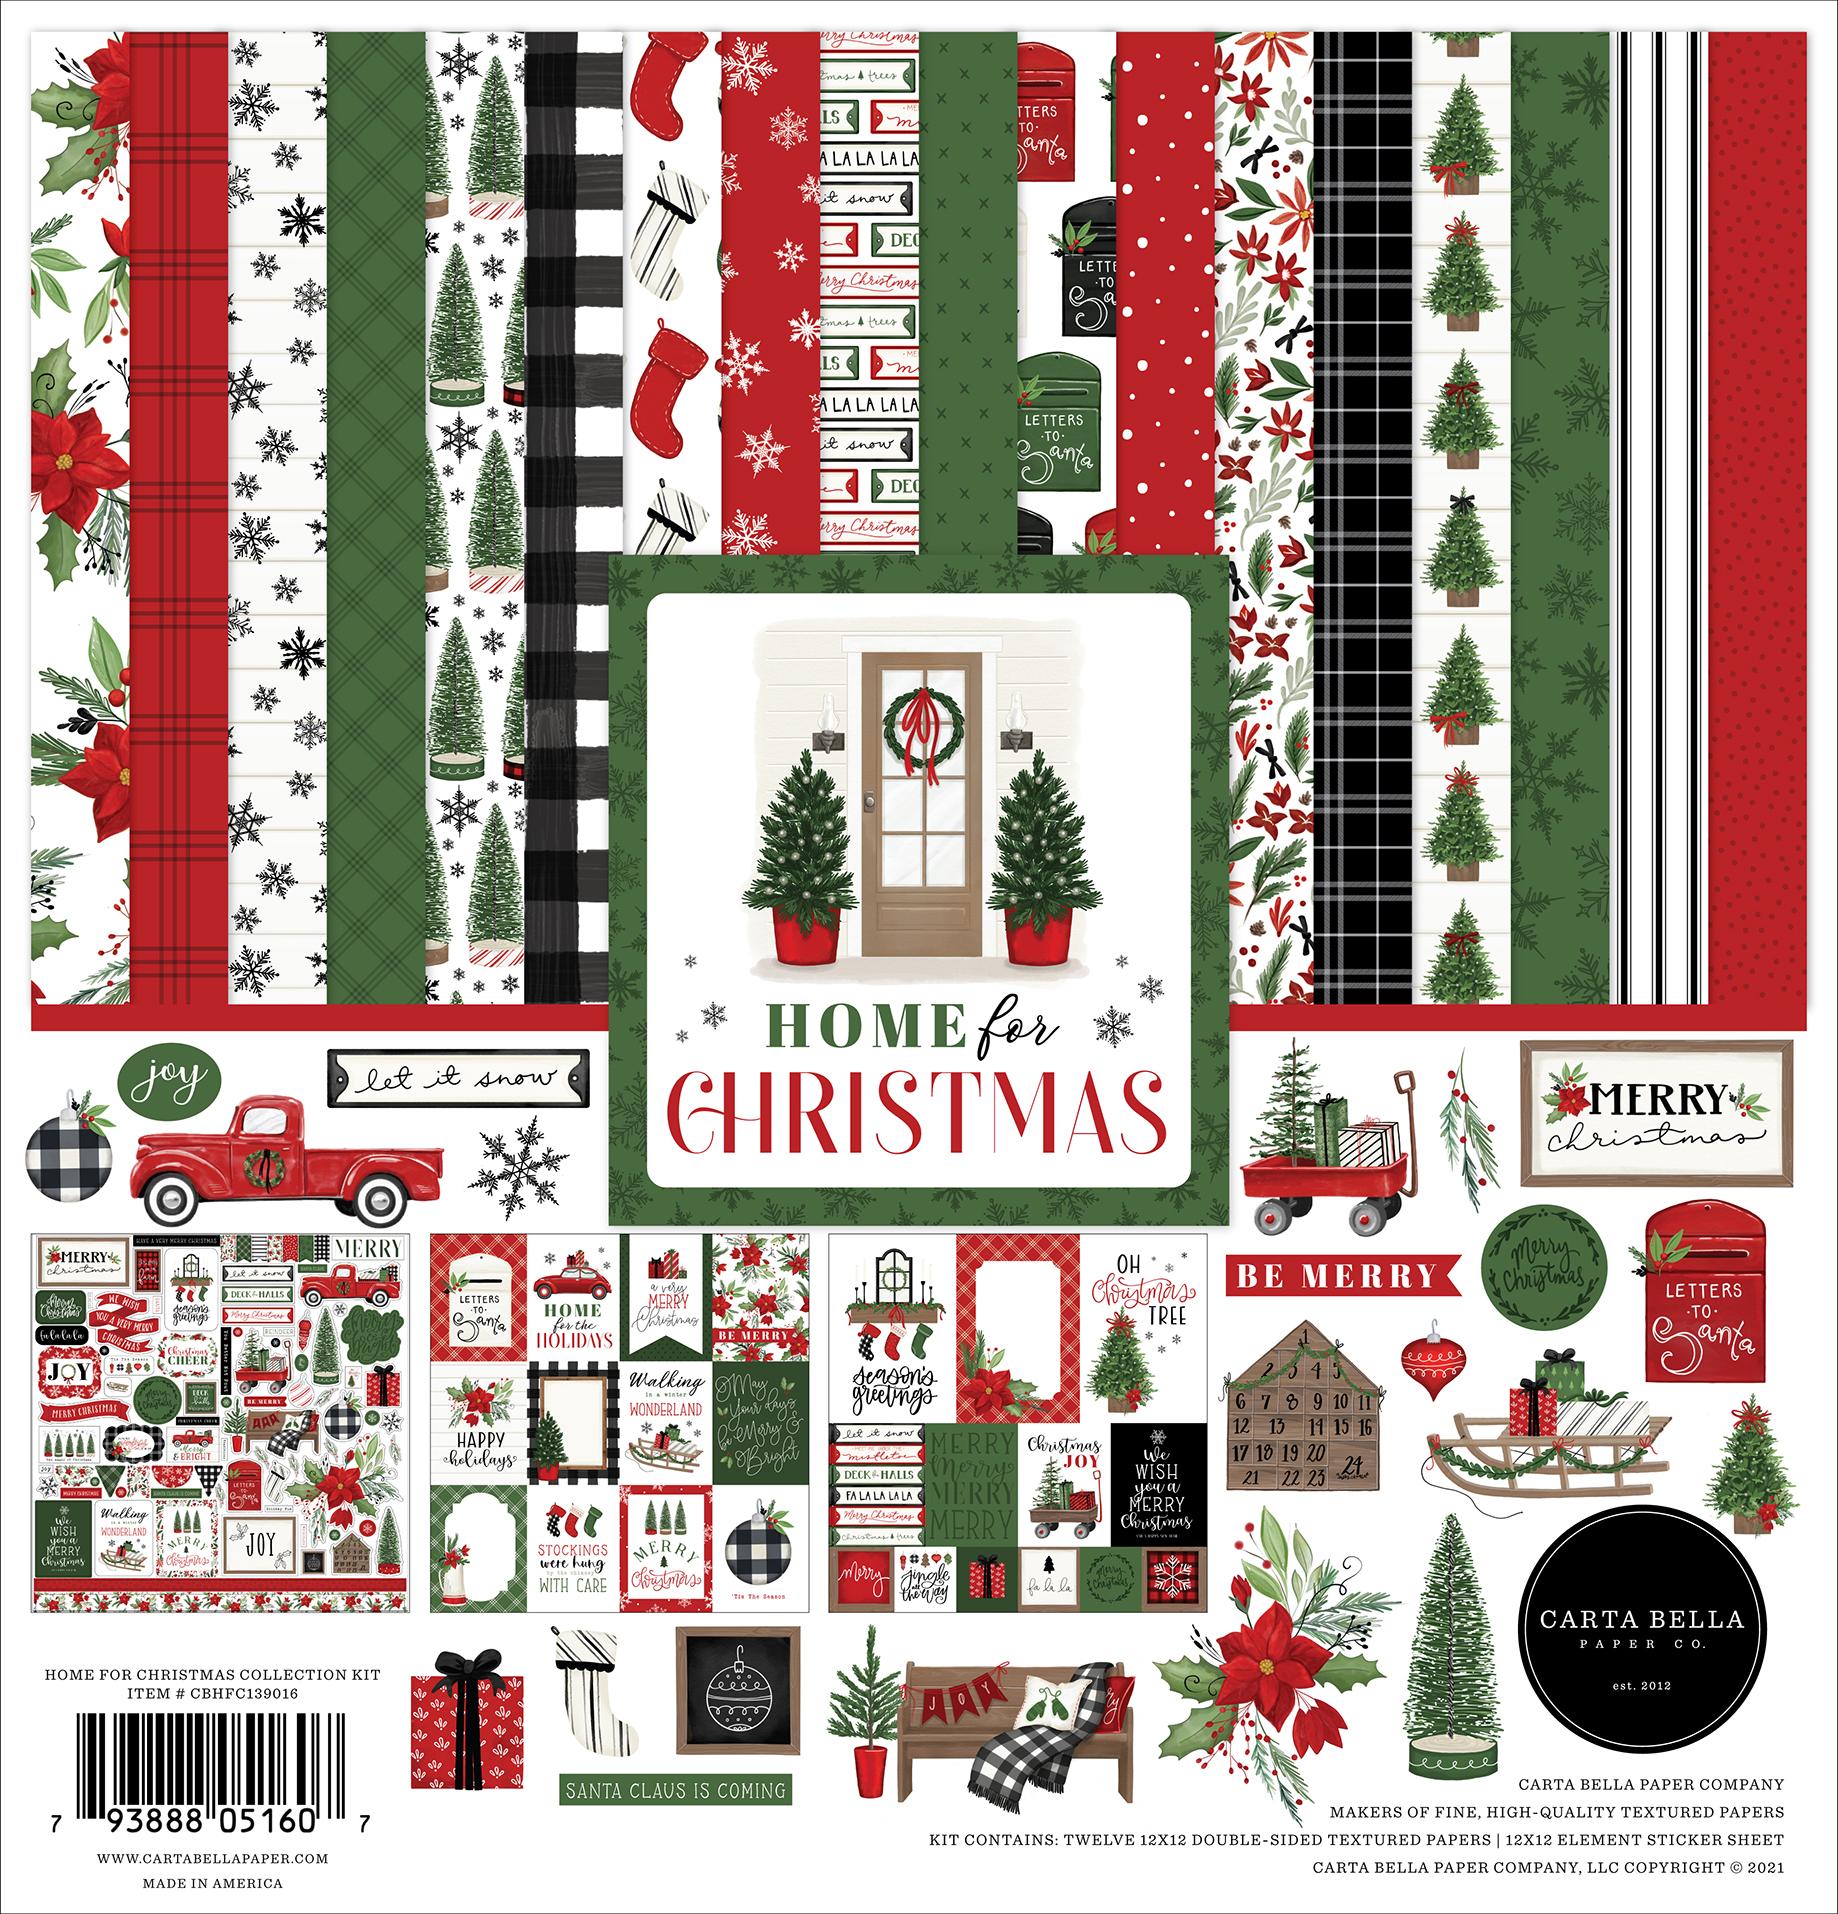 Home For Christmas Collection Kit